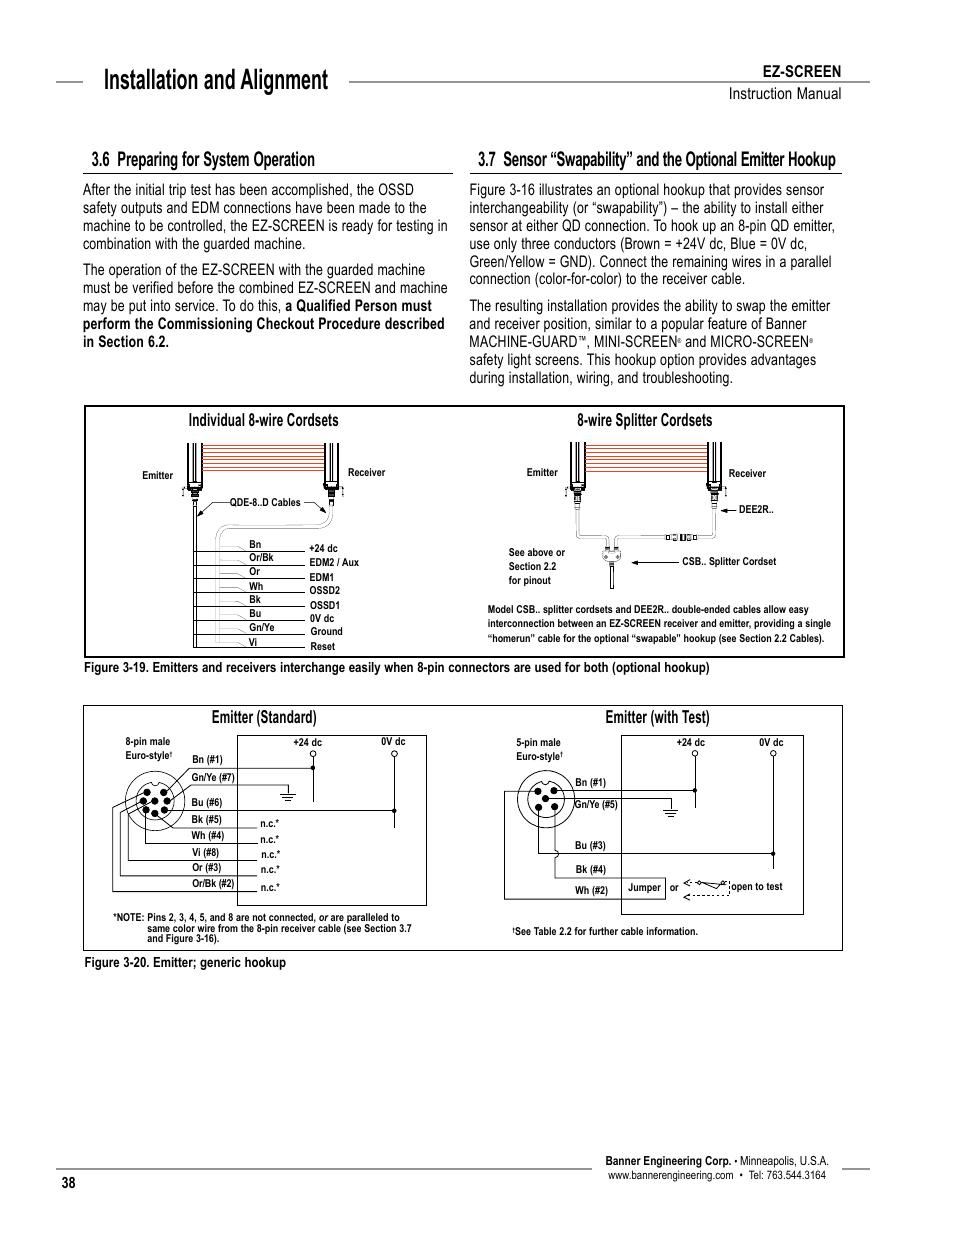 Ug412rmw260 Hot Tub Wiring Diagram Gandul 457779119 – It490 Wiring Diagram